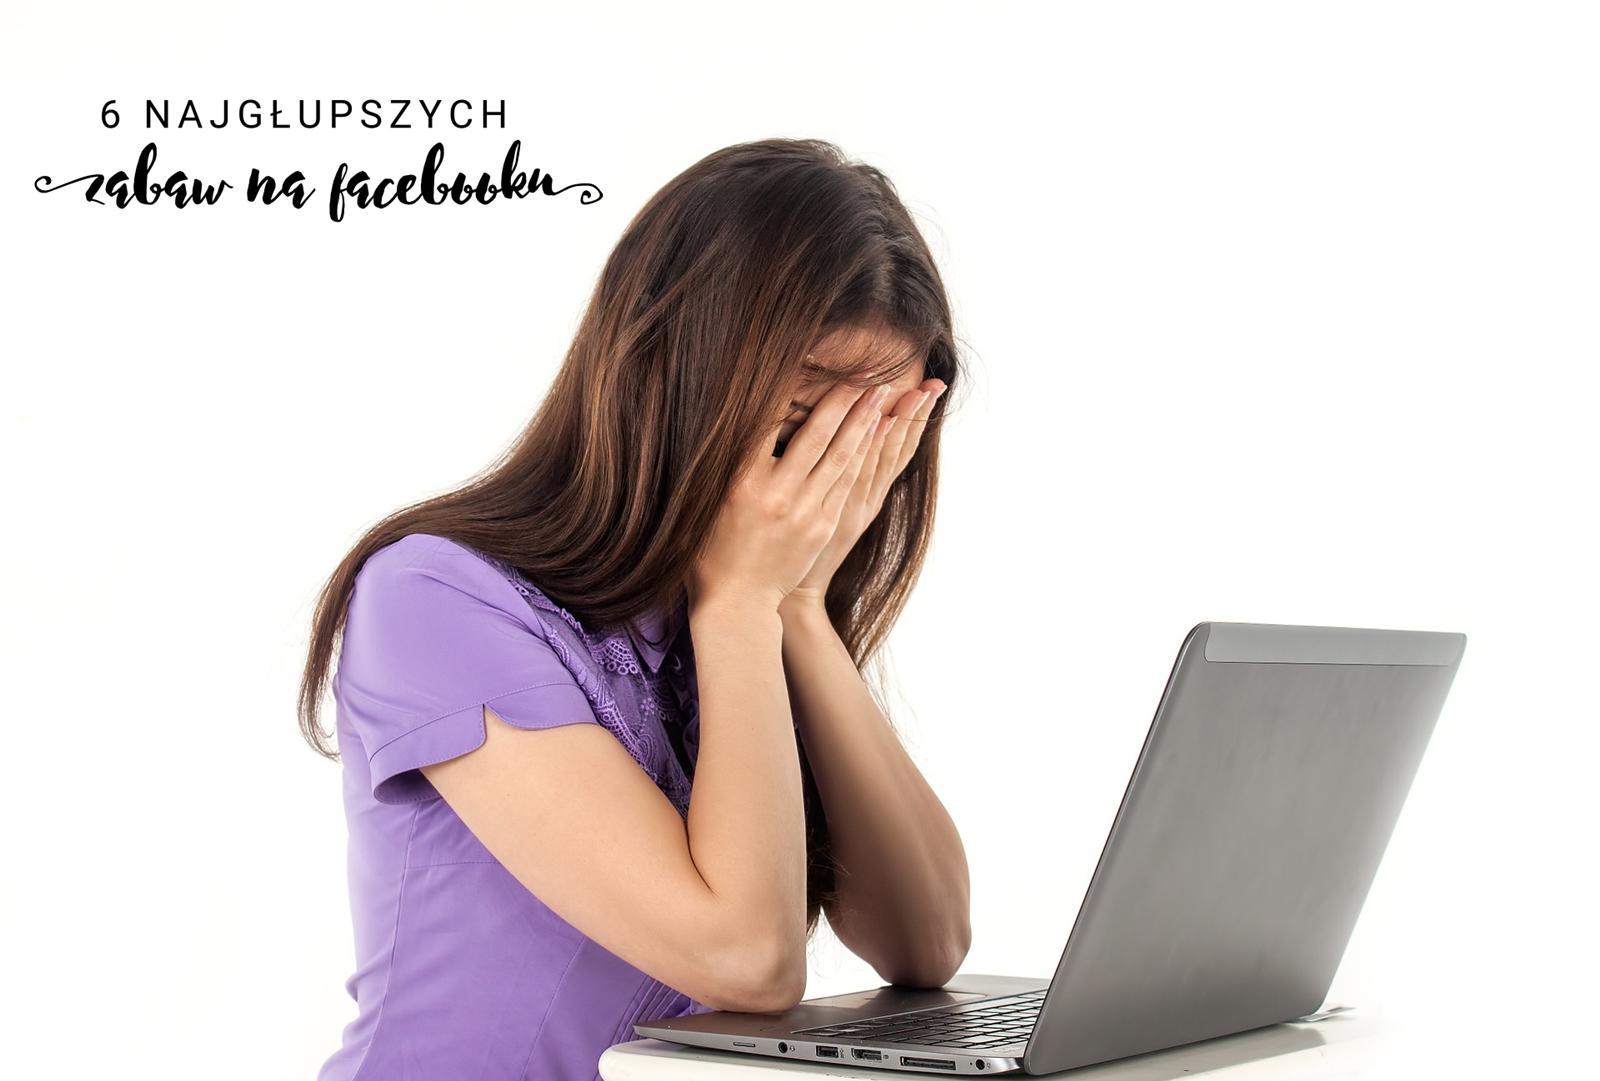 6 najgłupszych zabaw na FB - podejmiesz wyzwanie?